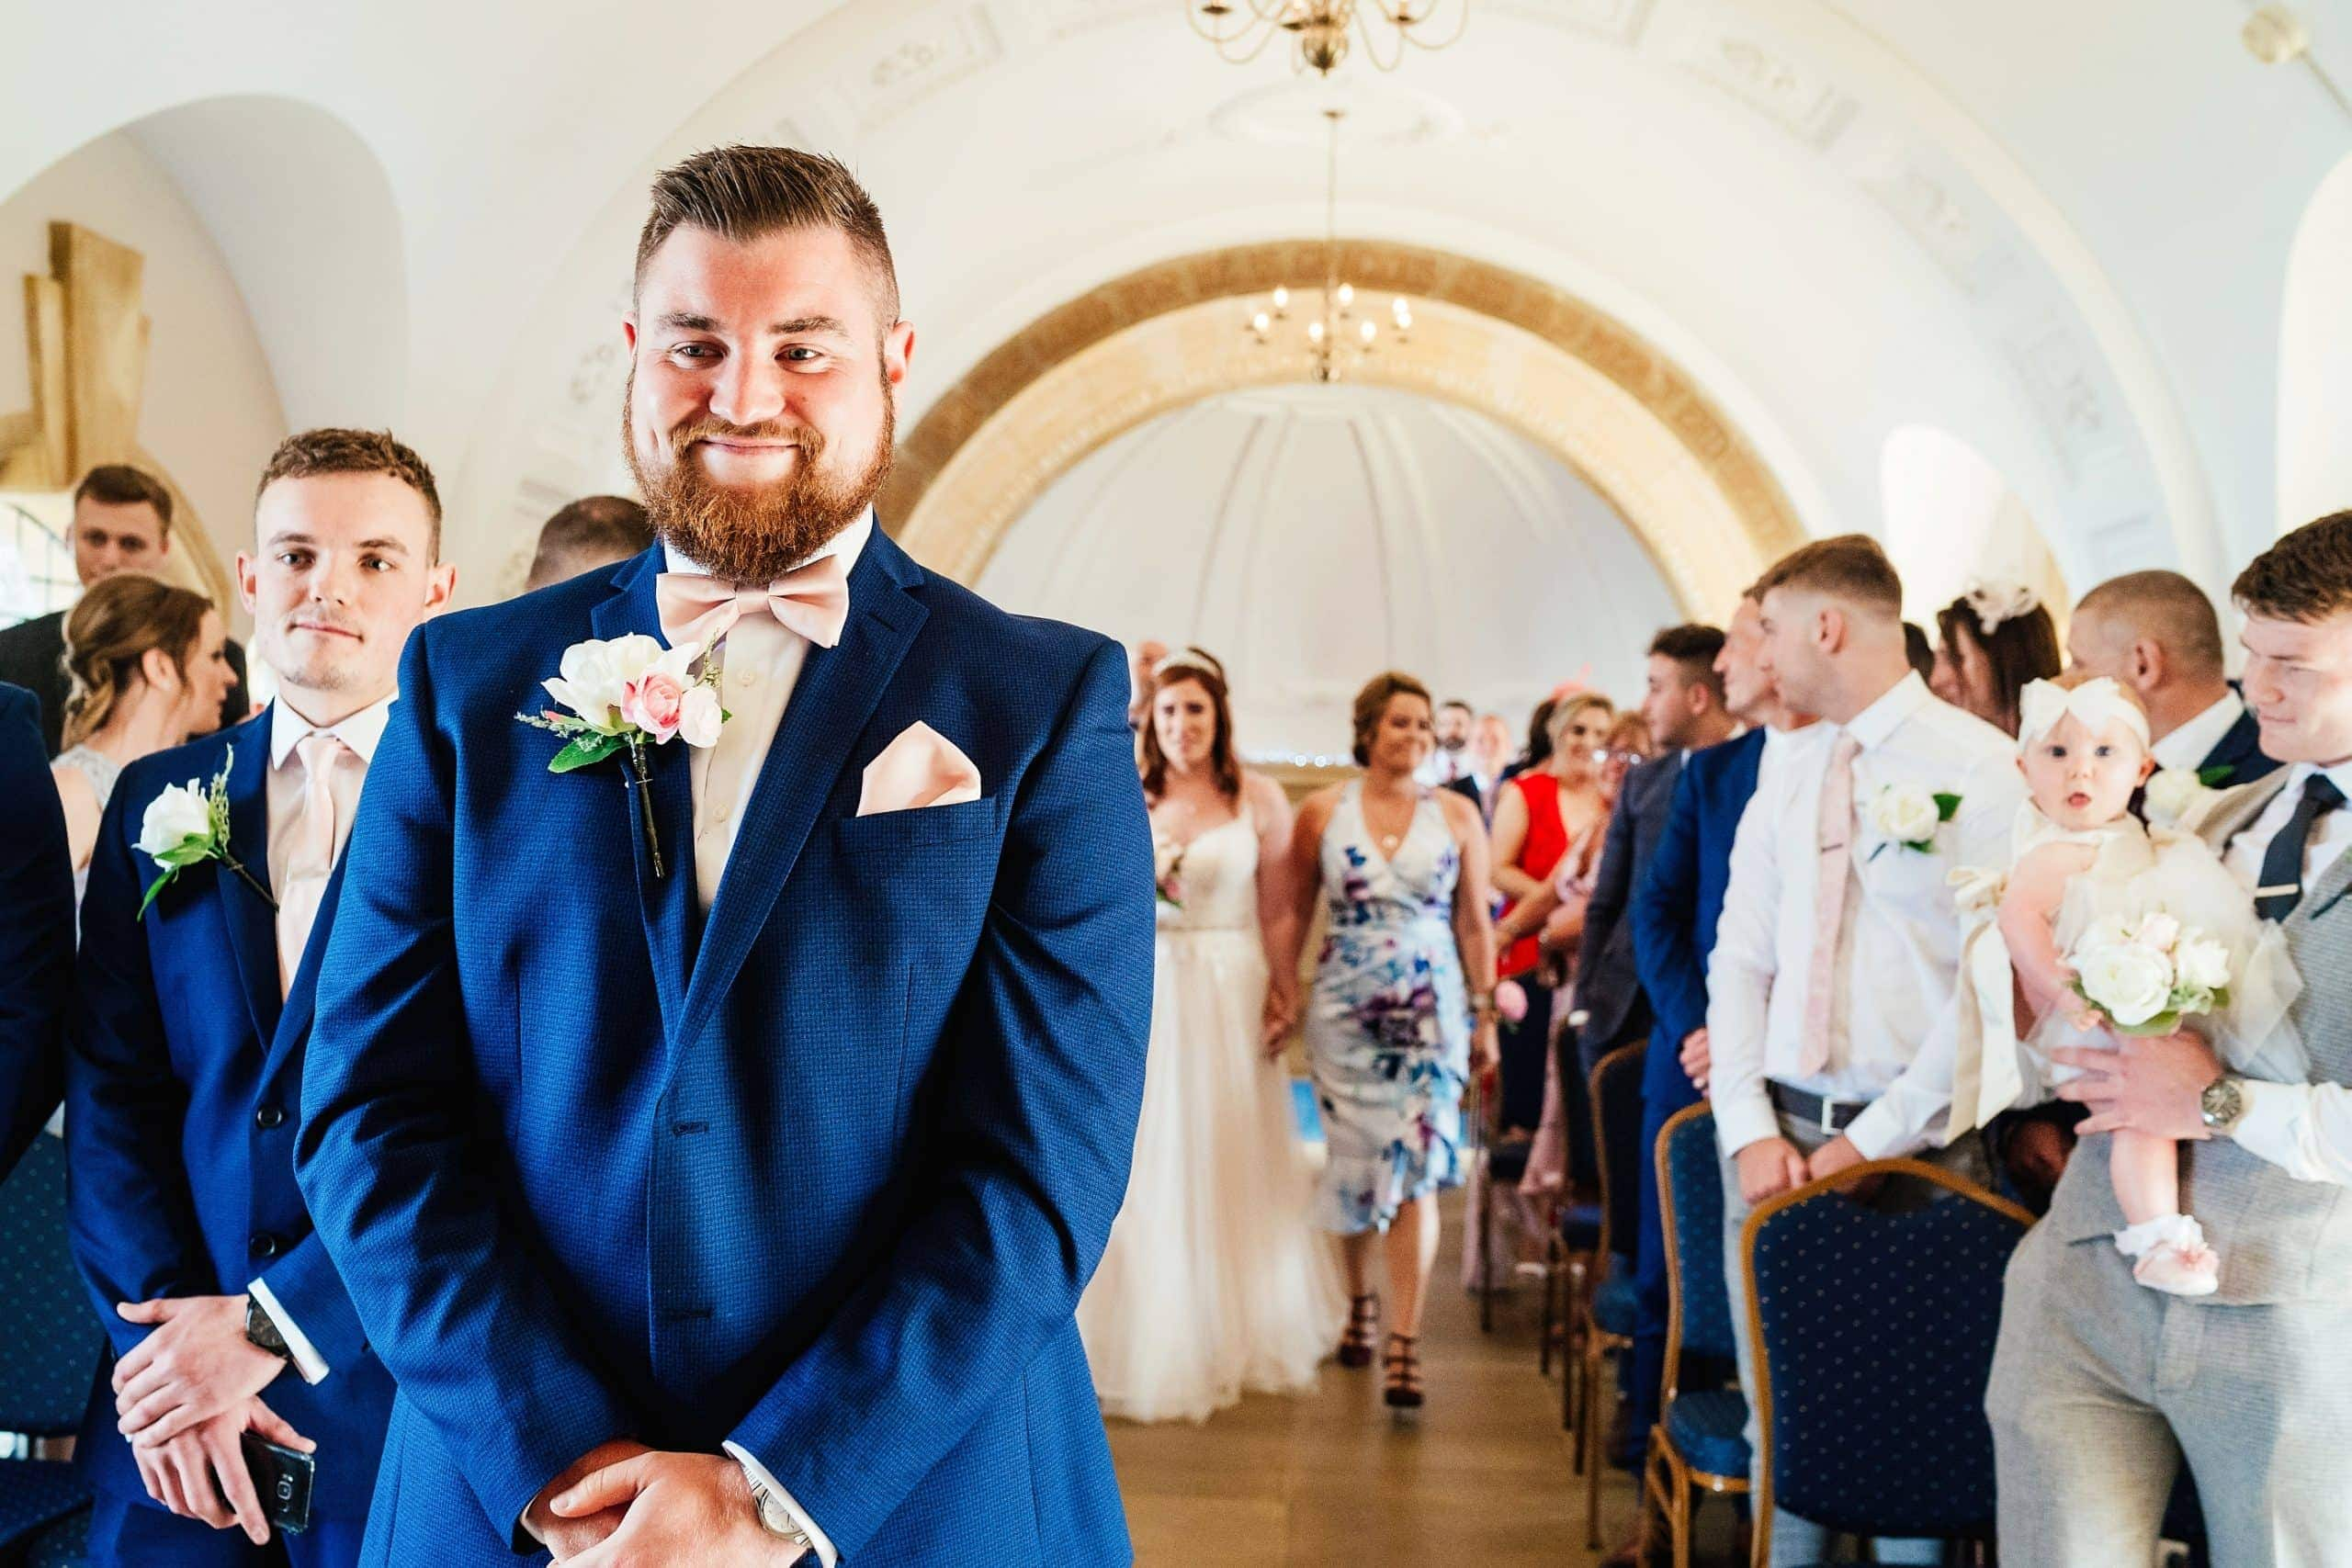 normanton-church-wedding-photography-08